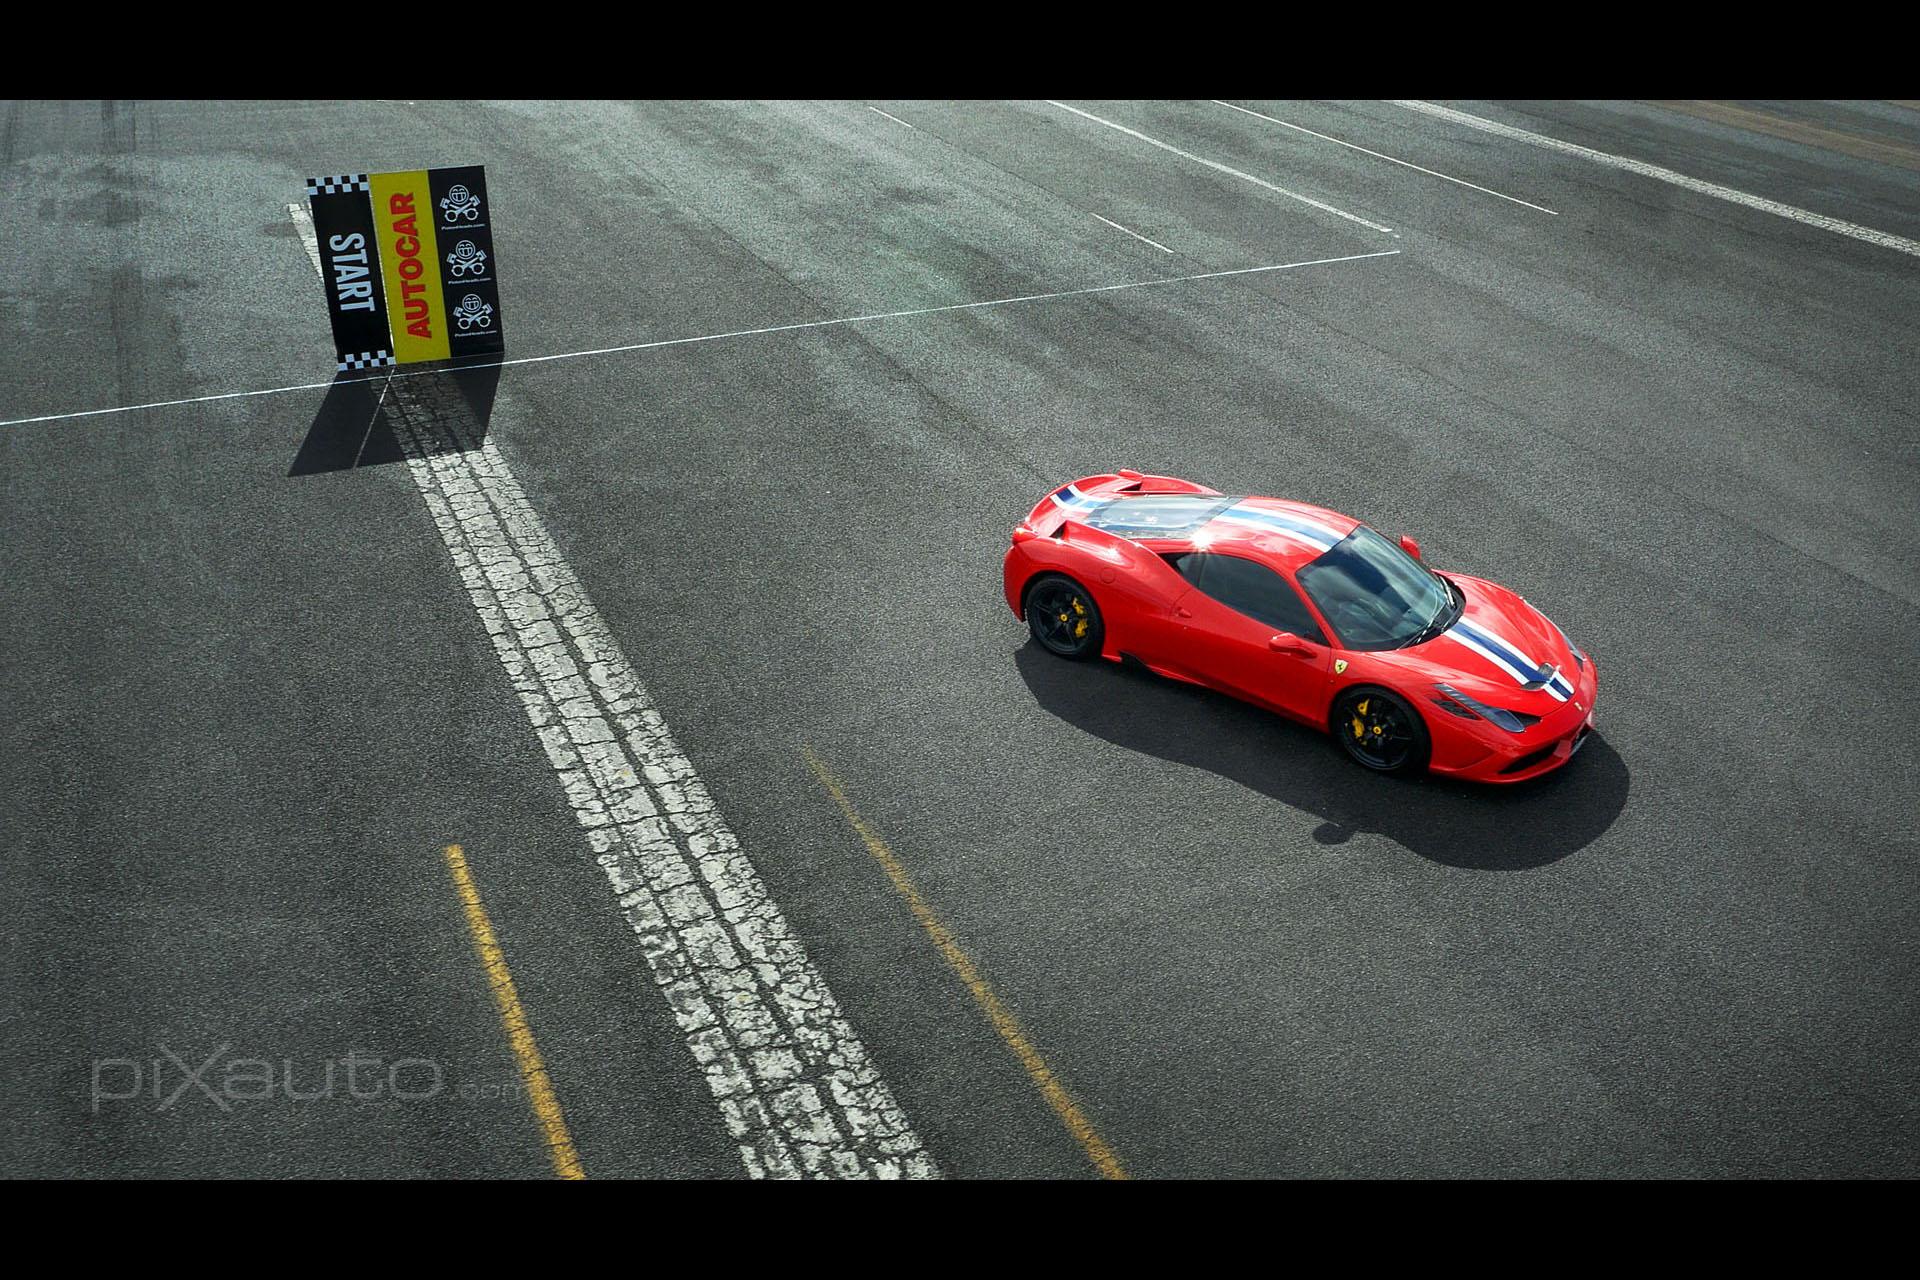 Ferrari 430 aerial photo